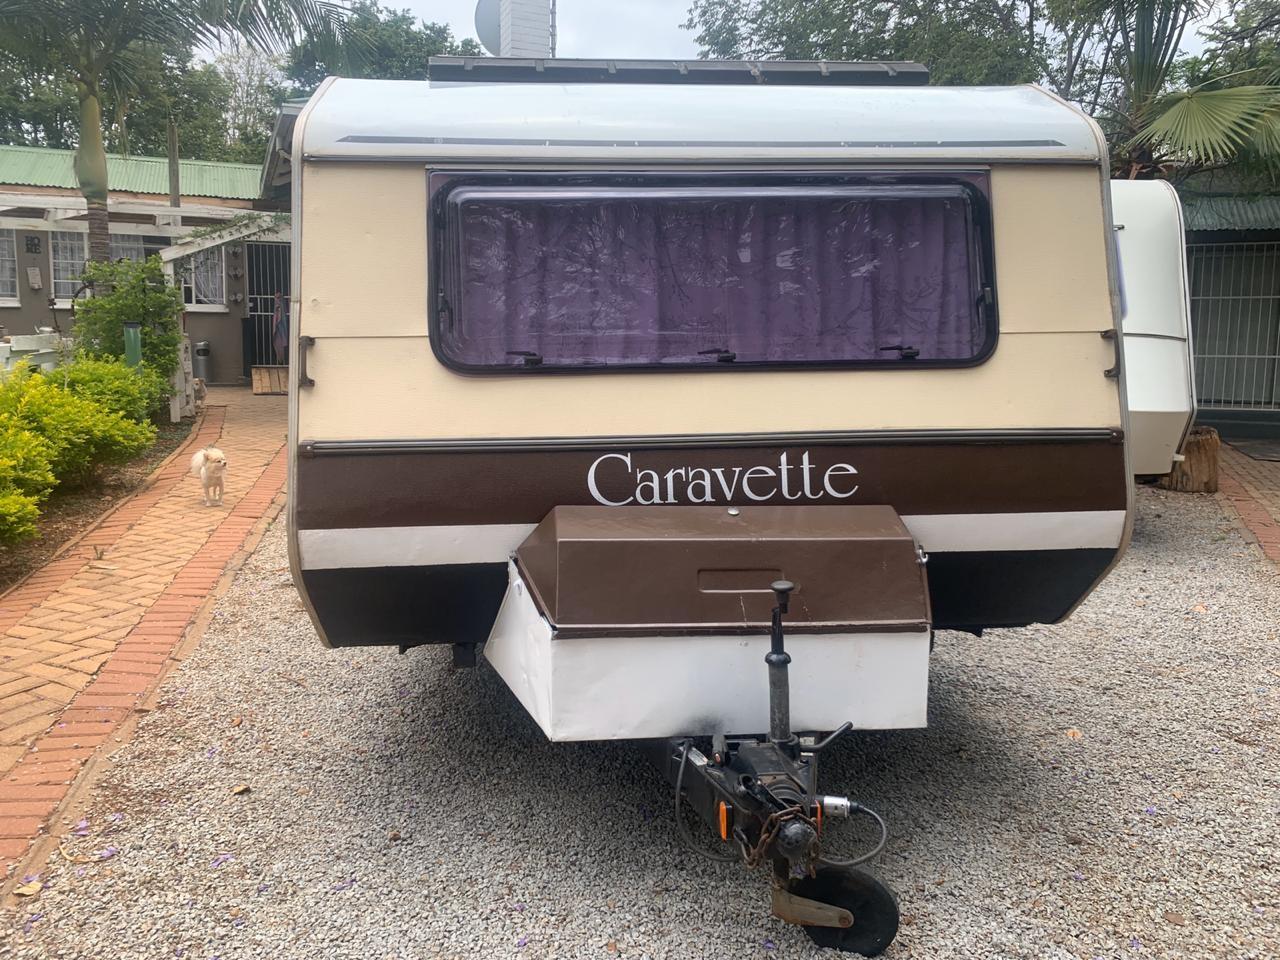 Caravette 6 1986 model